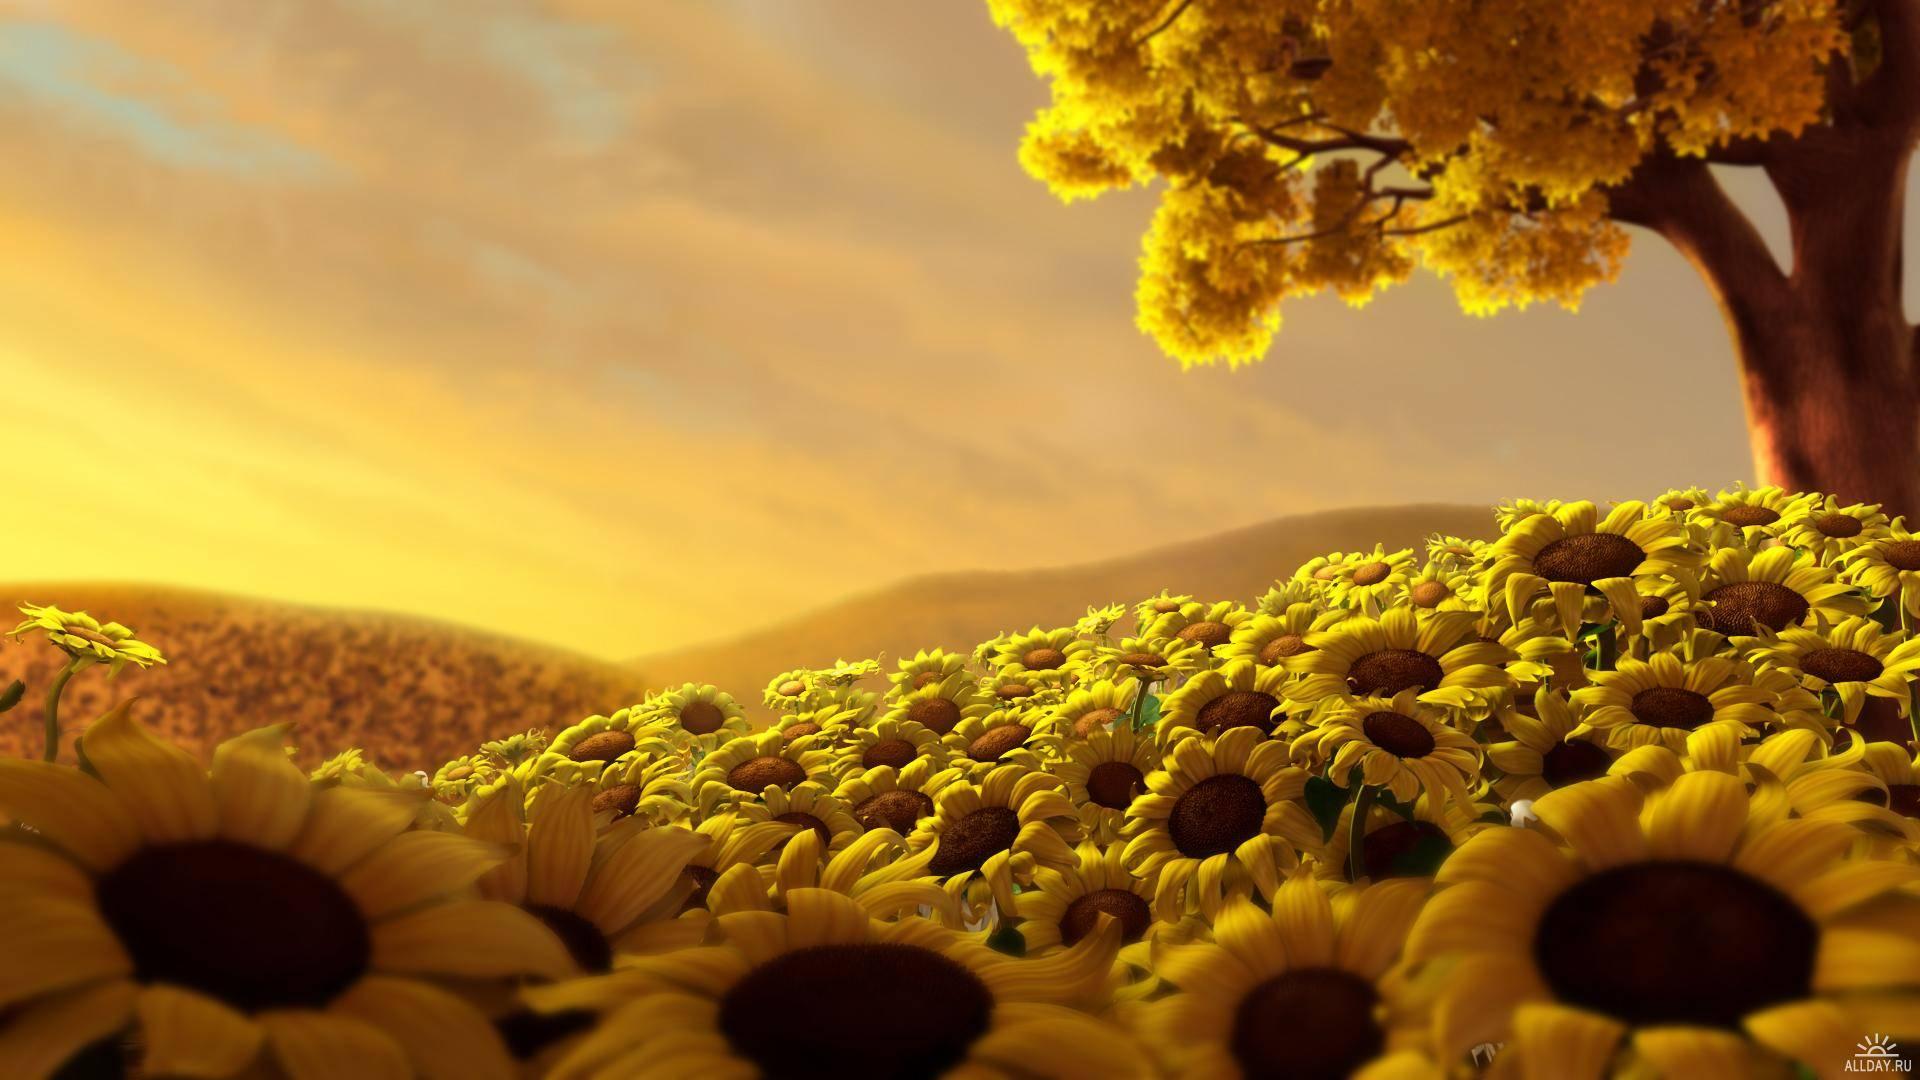 Yellow beauty photo